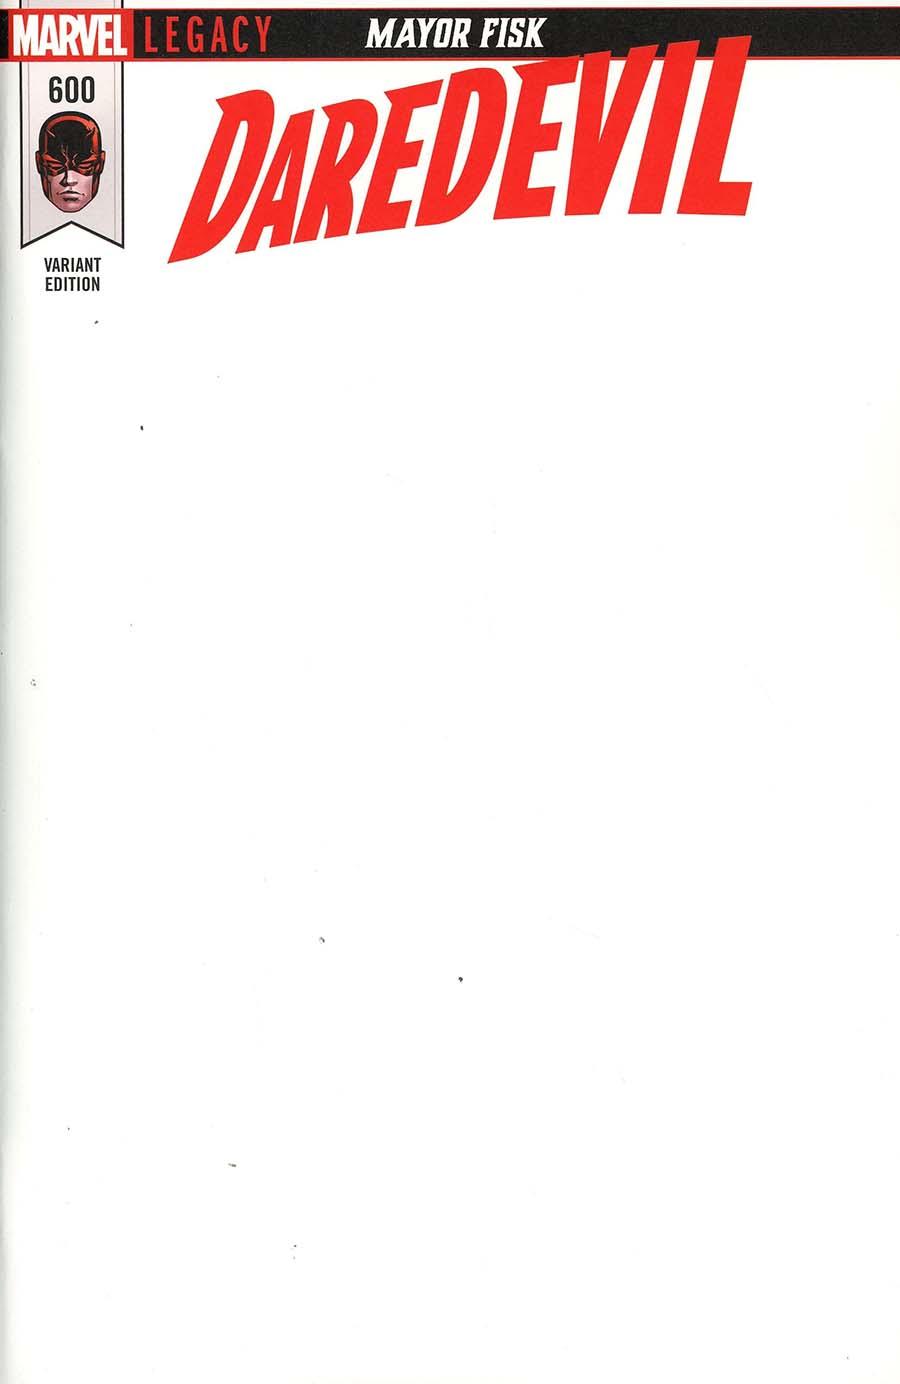 Daredevil Vol 5 #600 Cover D Variant Blank Cover (Marvel Legacy Tie-In)